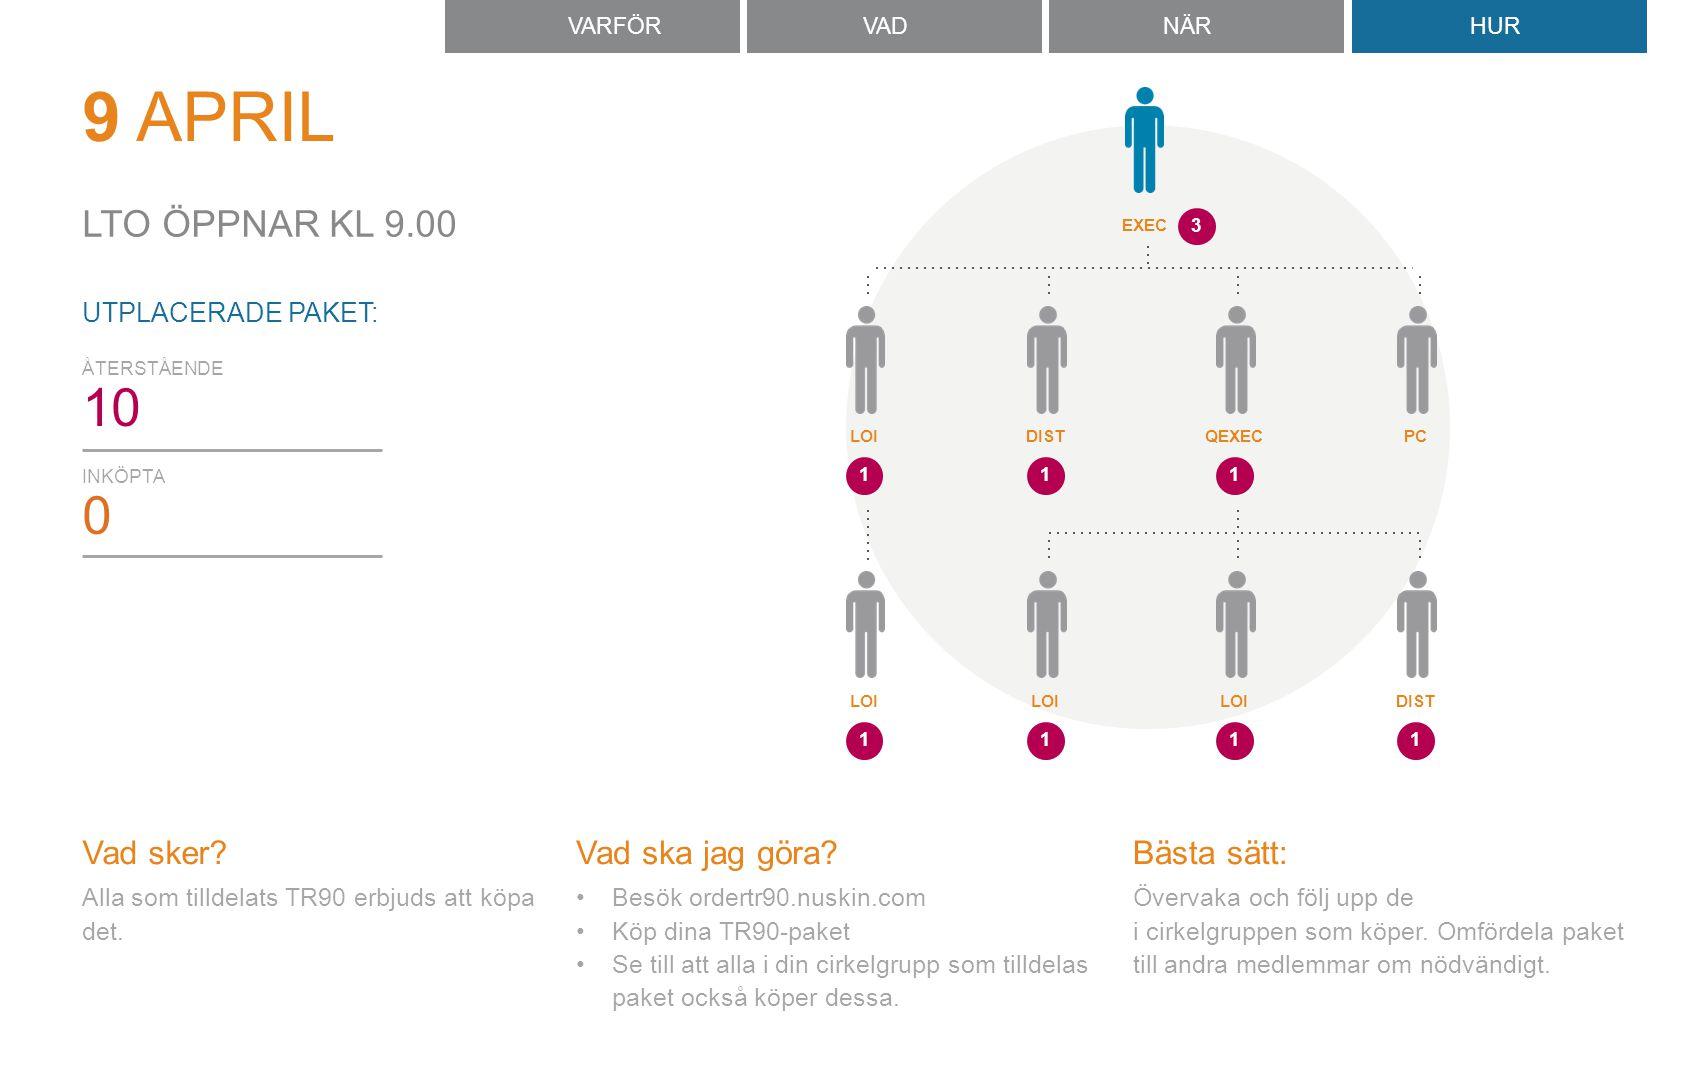 Omfördelning är möjligt så länge paket ännu ej köpts Beställ online på ordertr90.nuskin.com Betalning: Endast kreditkort (se till att du har pengar på kontot) Viktig information: LTO startar 9 april kl 9.00 CEST Begränsat lager.